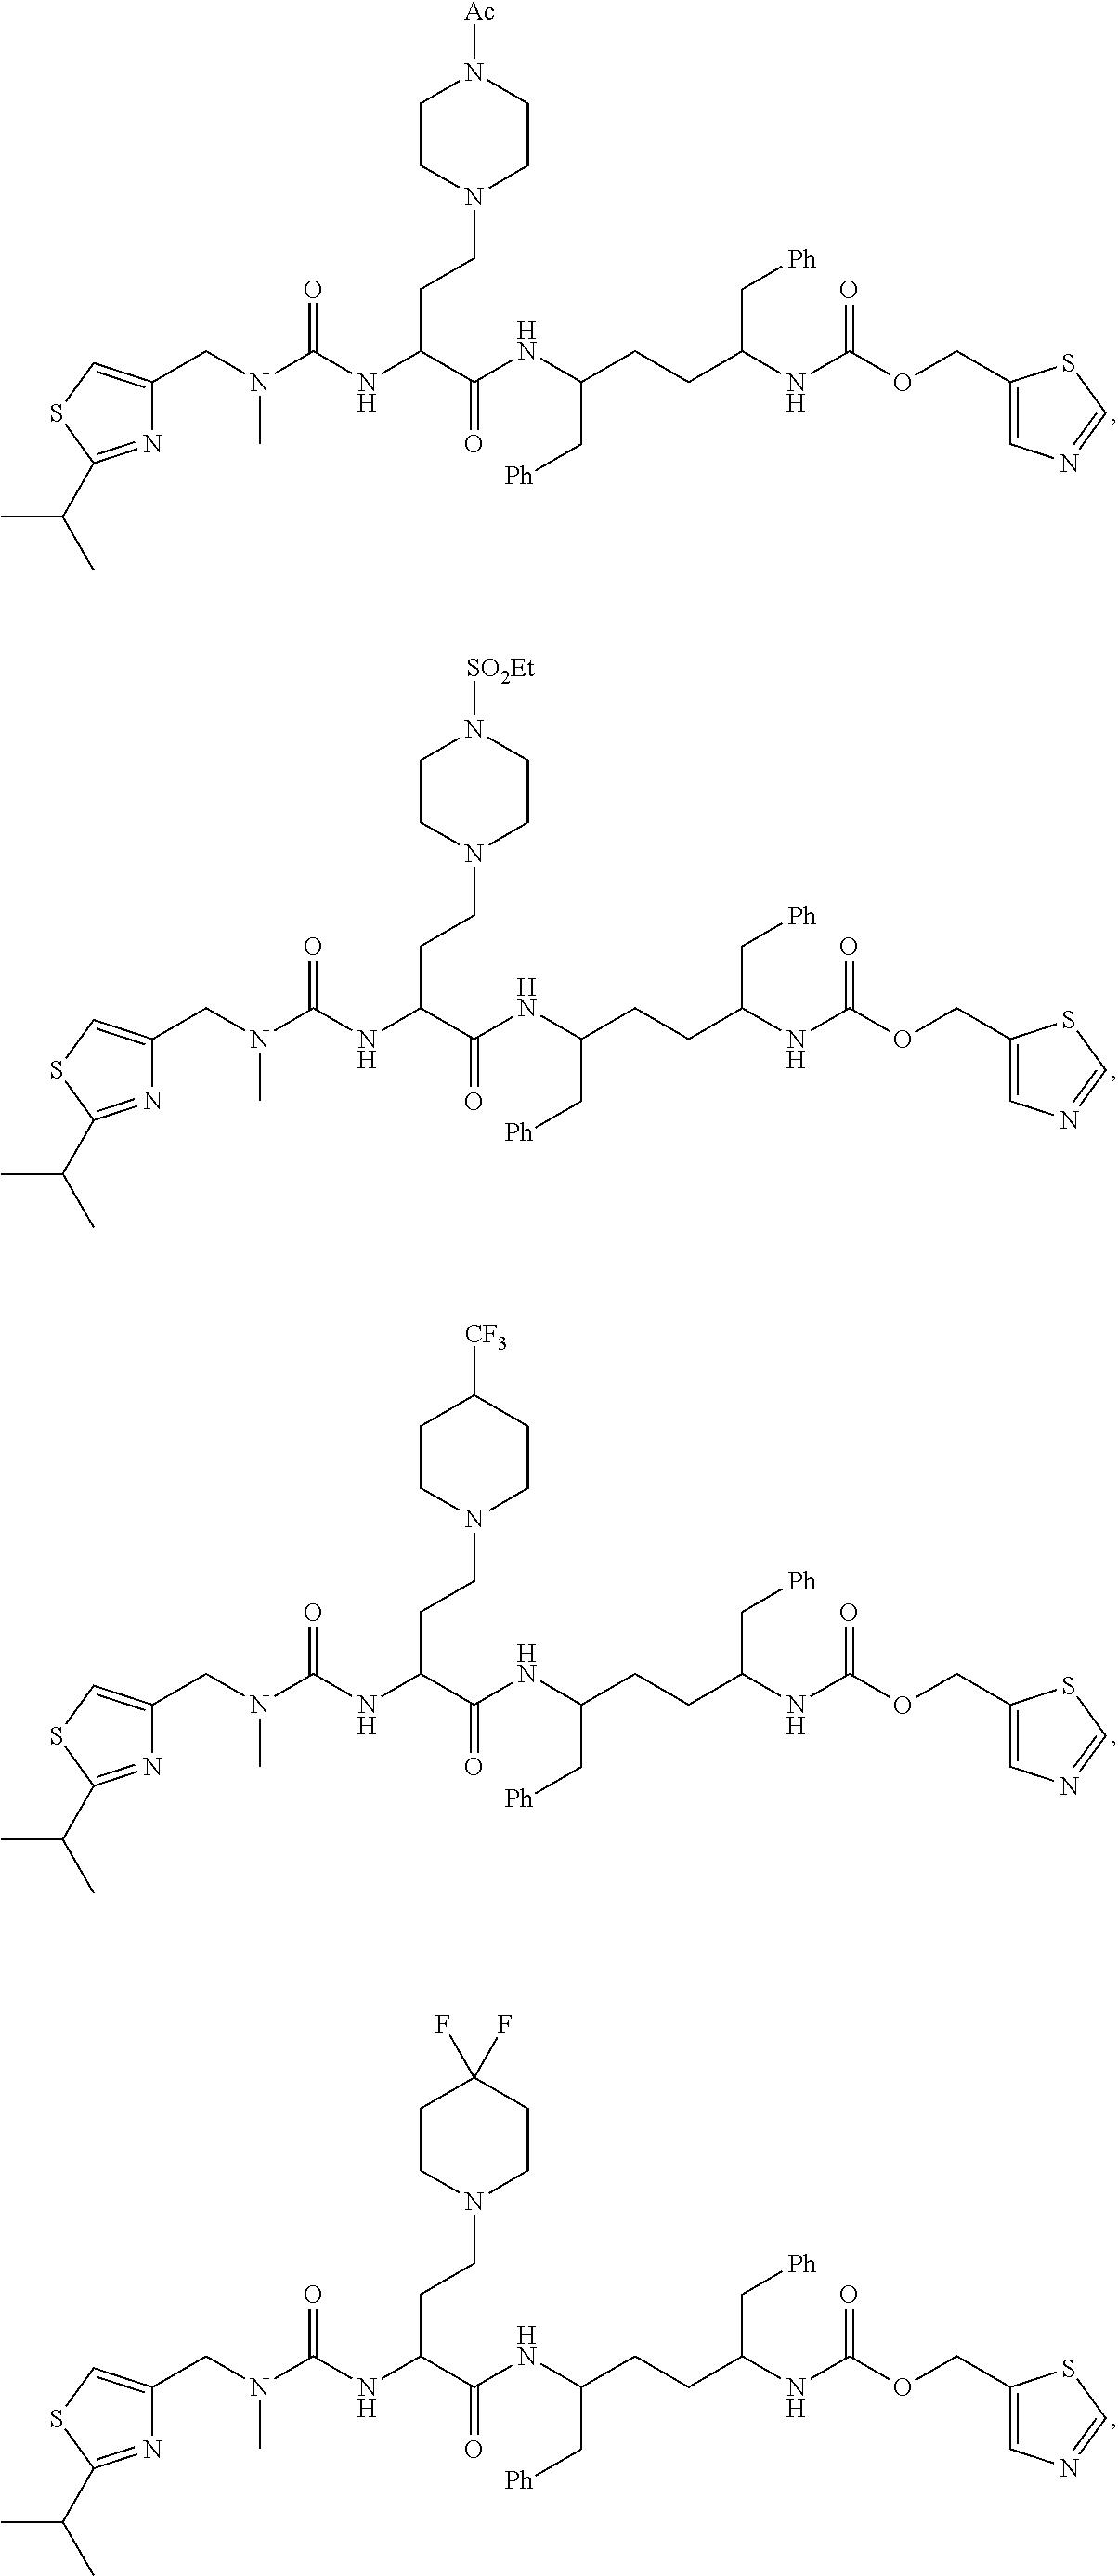 Figure US09891239-20180213-C00080